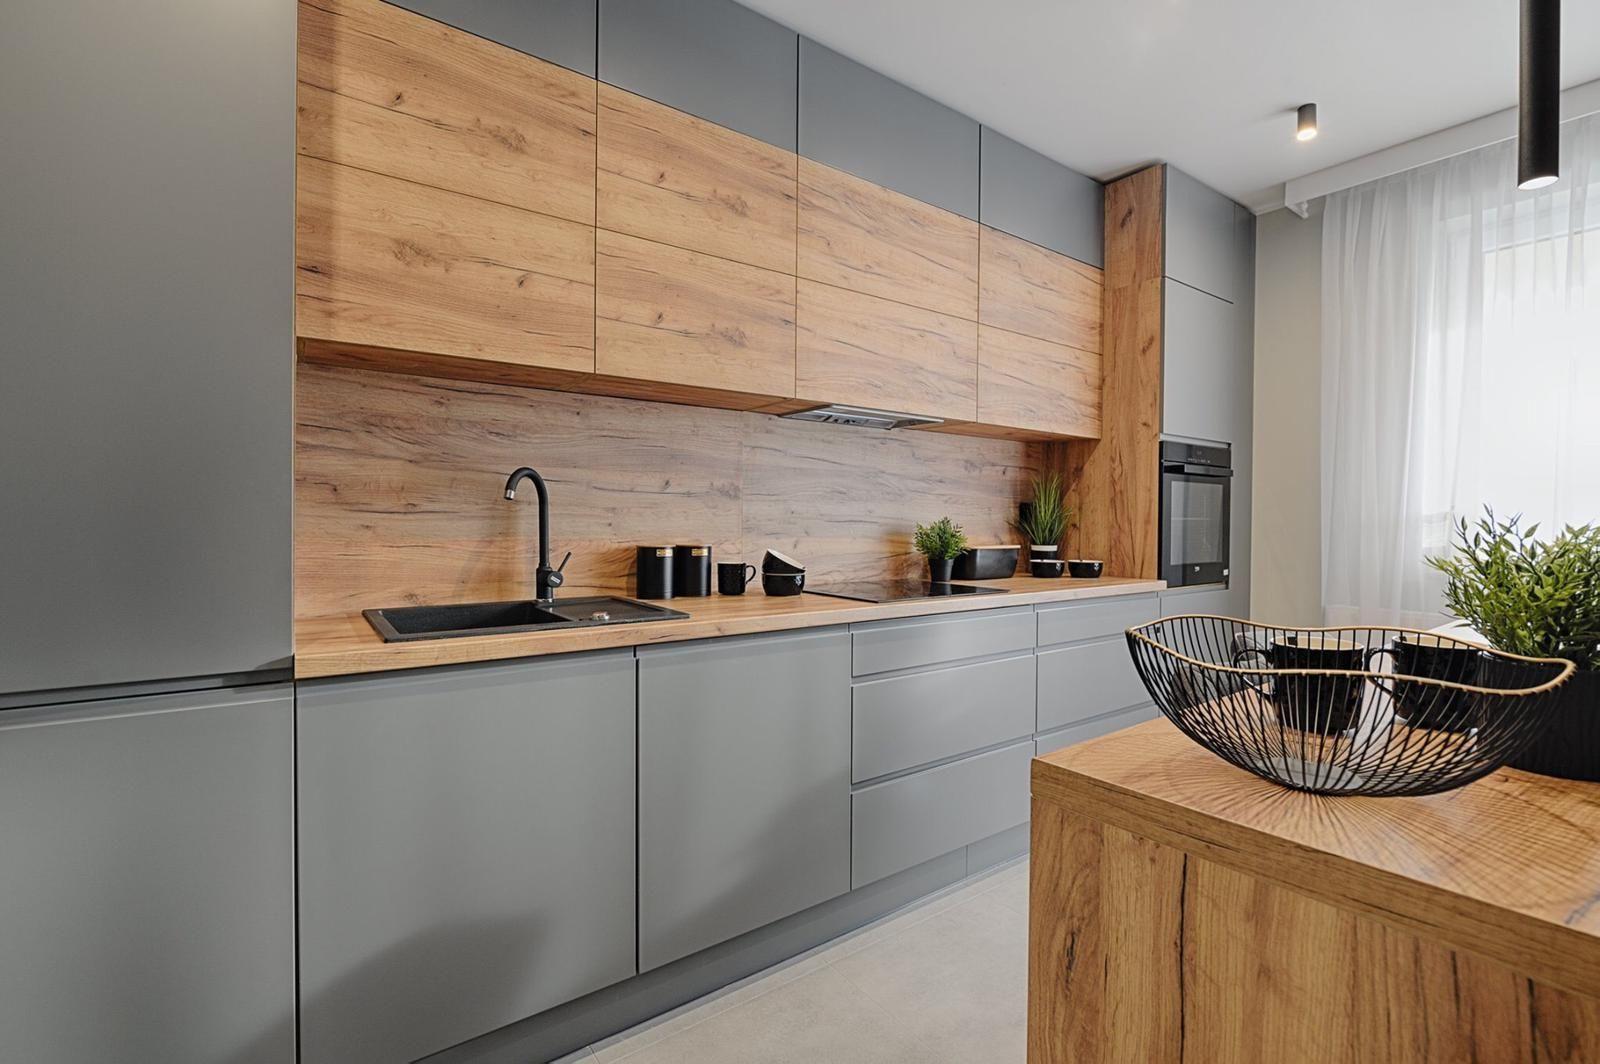 Womag Salon Meblowy Max Kuchnie Meble Kuchenne I Agd In 2021 Kitchen Design Decor Kitchen Room Design Kitchen Design